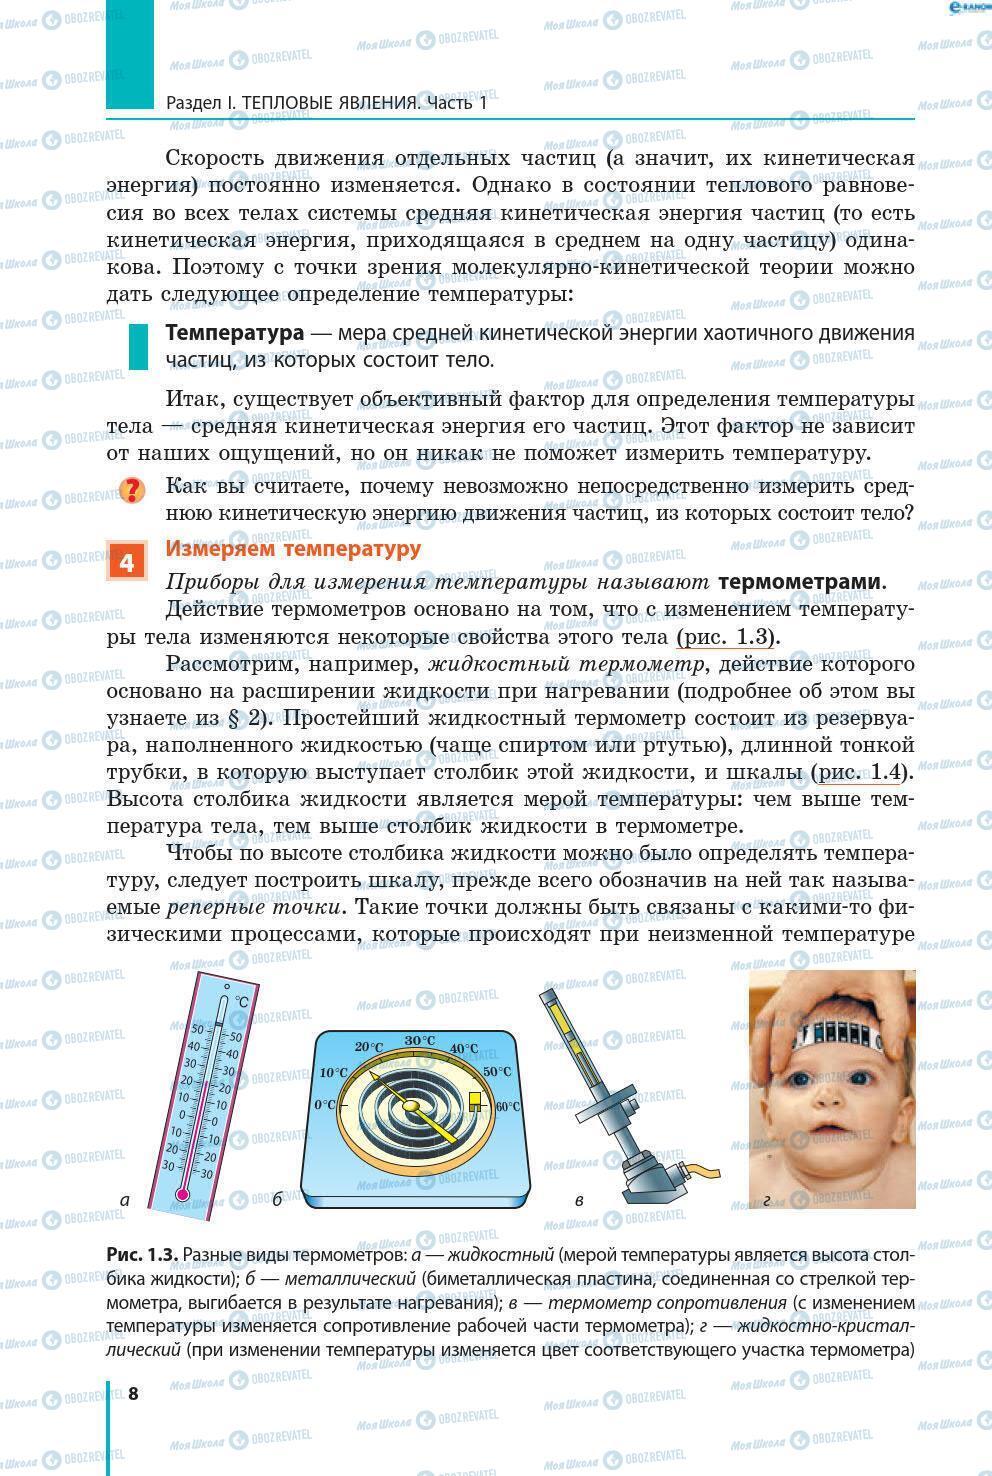 Підручники Фізика 8 клас сторінка 8